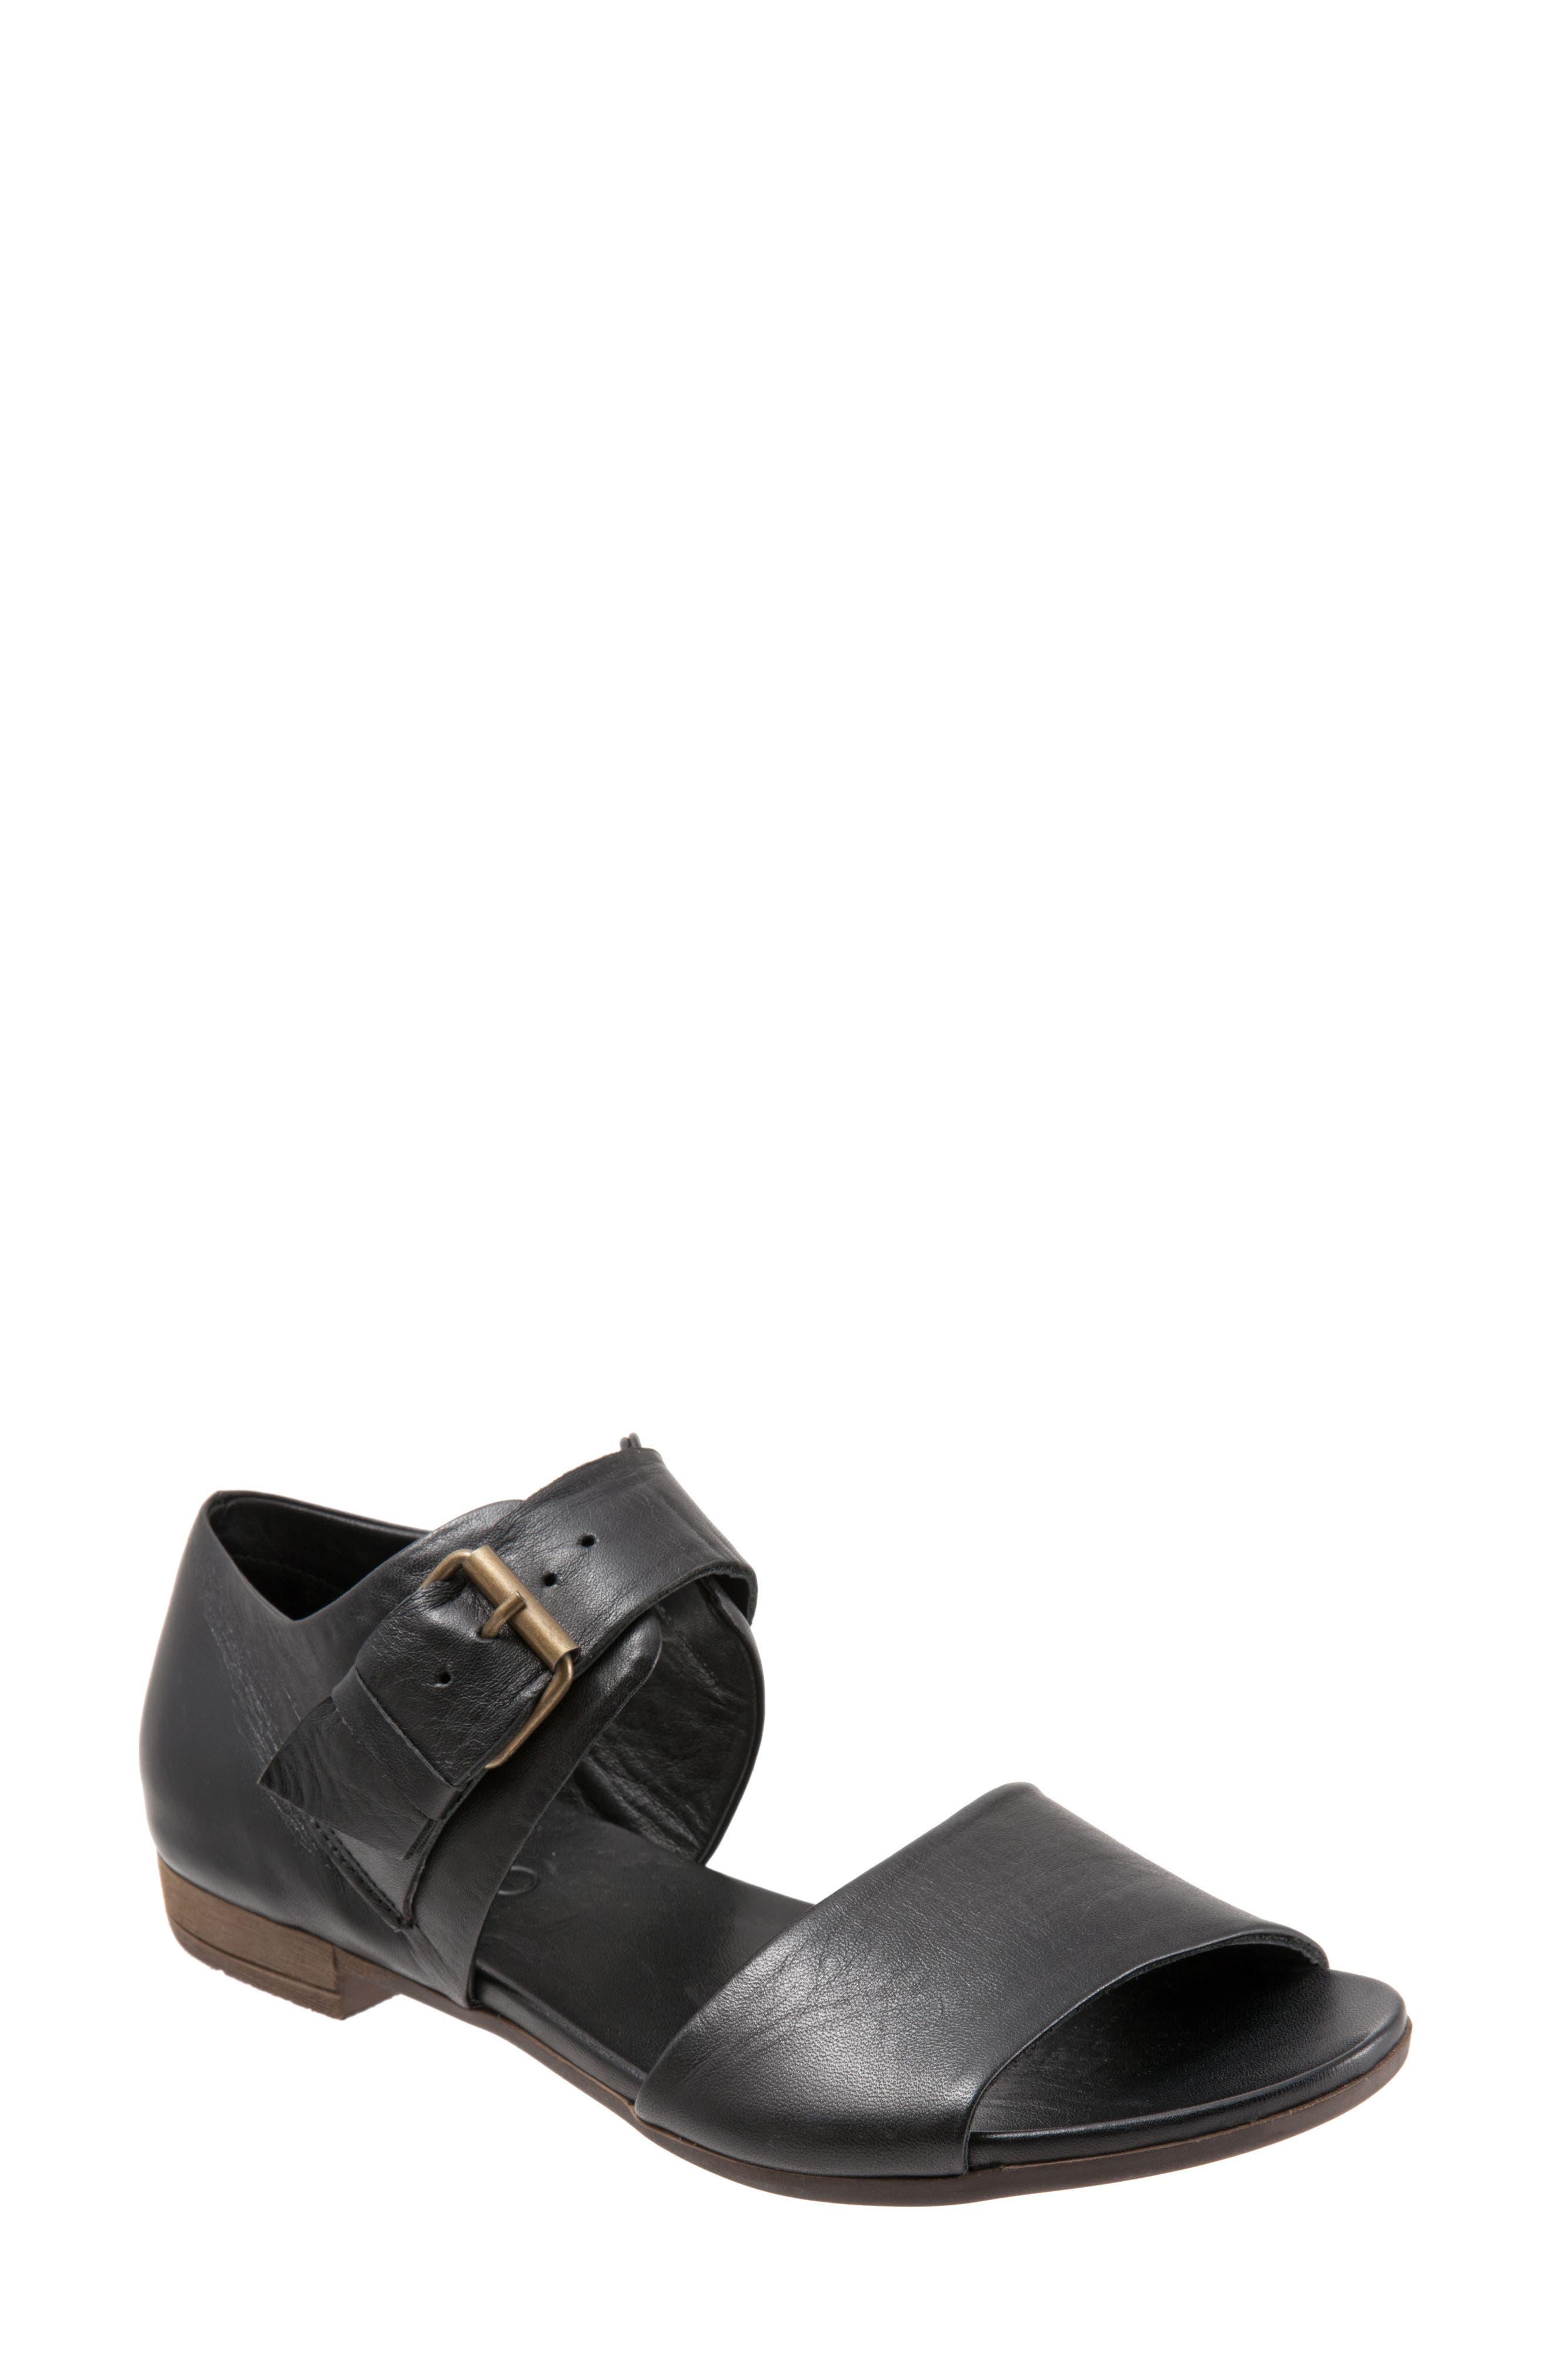 Talia Sandal,                             Main thumbnail 1, color,                             Black Leather